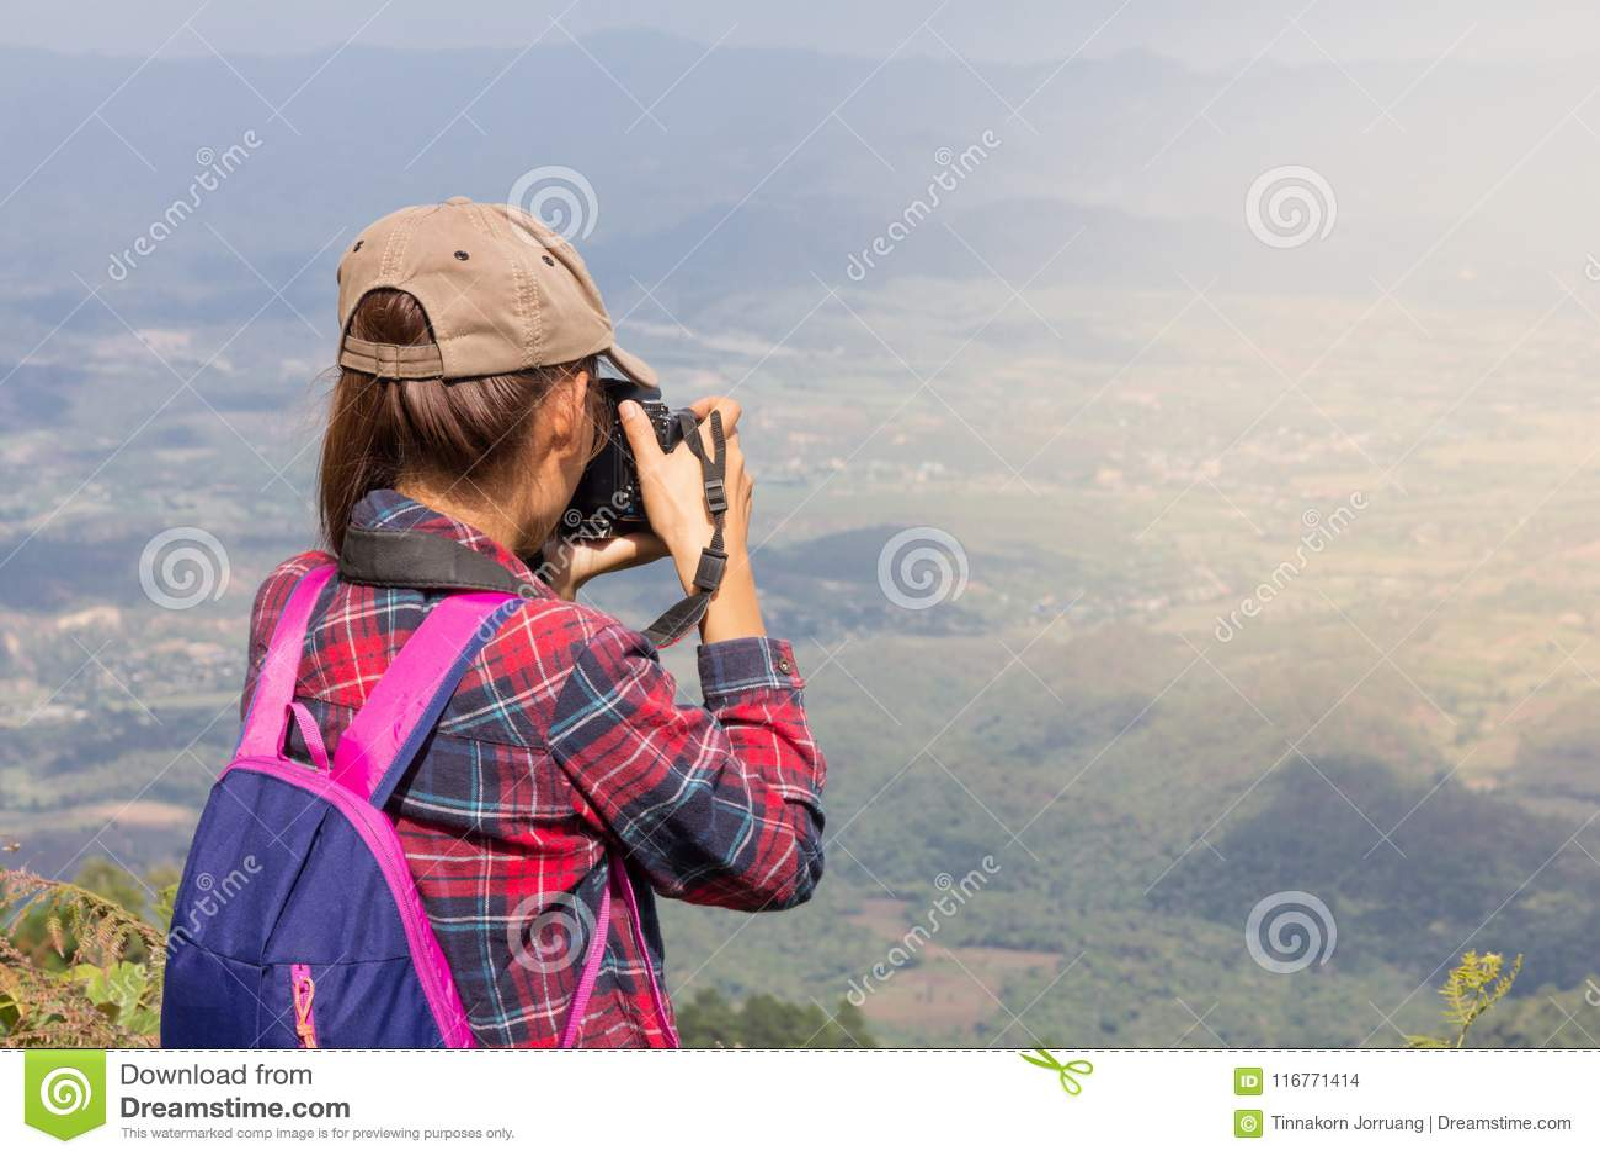 Weibliche Touristen auf dem Berg nehmen schöne Landschaft